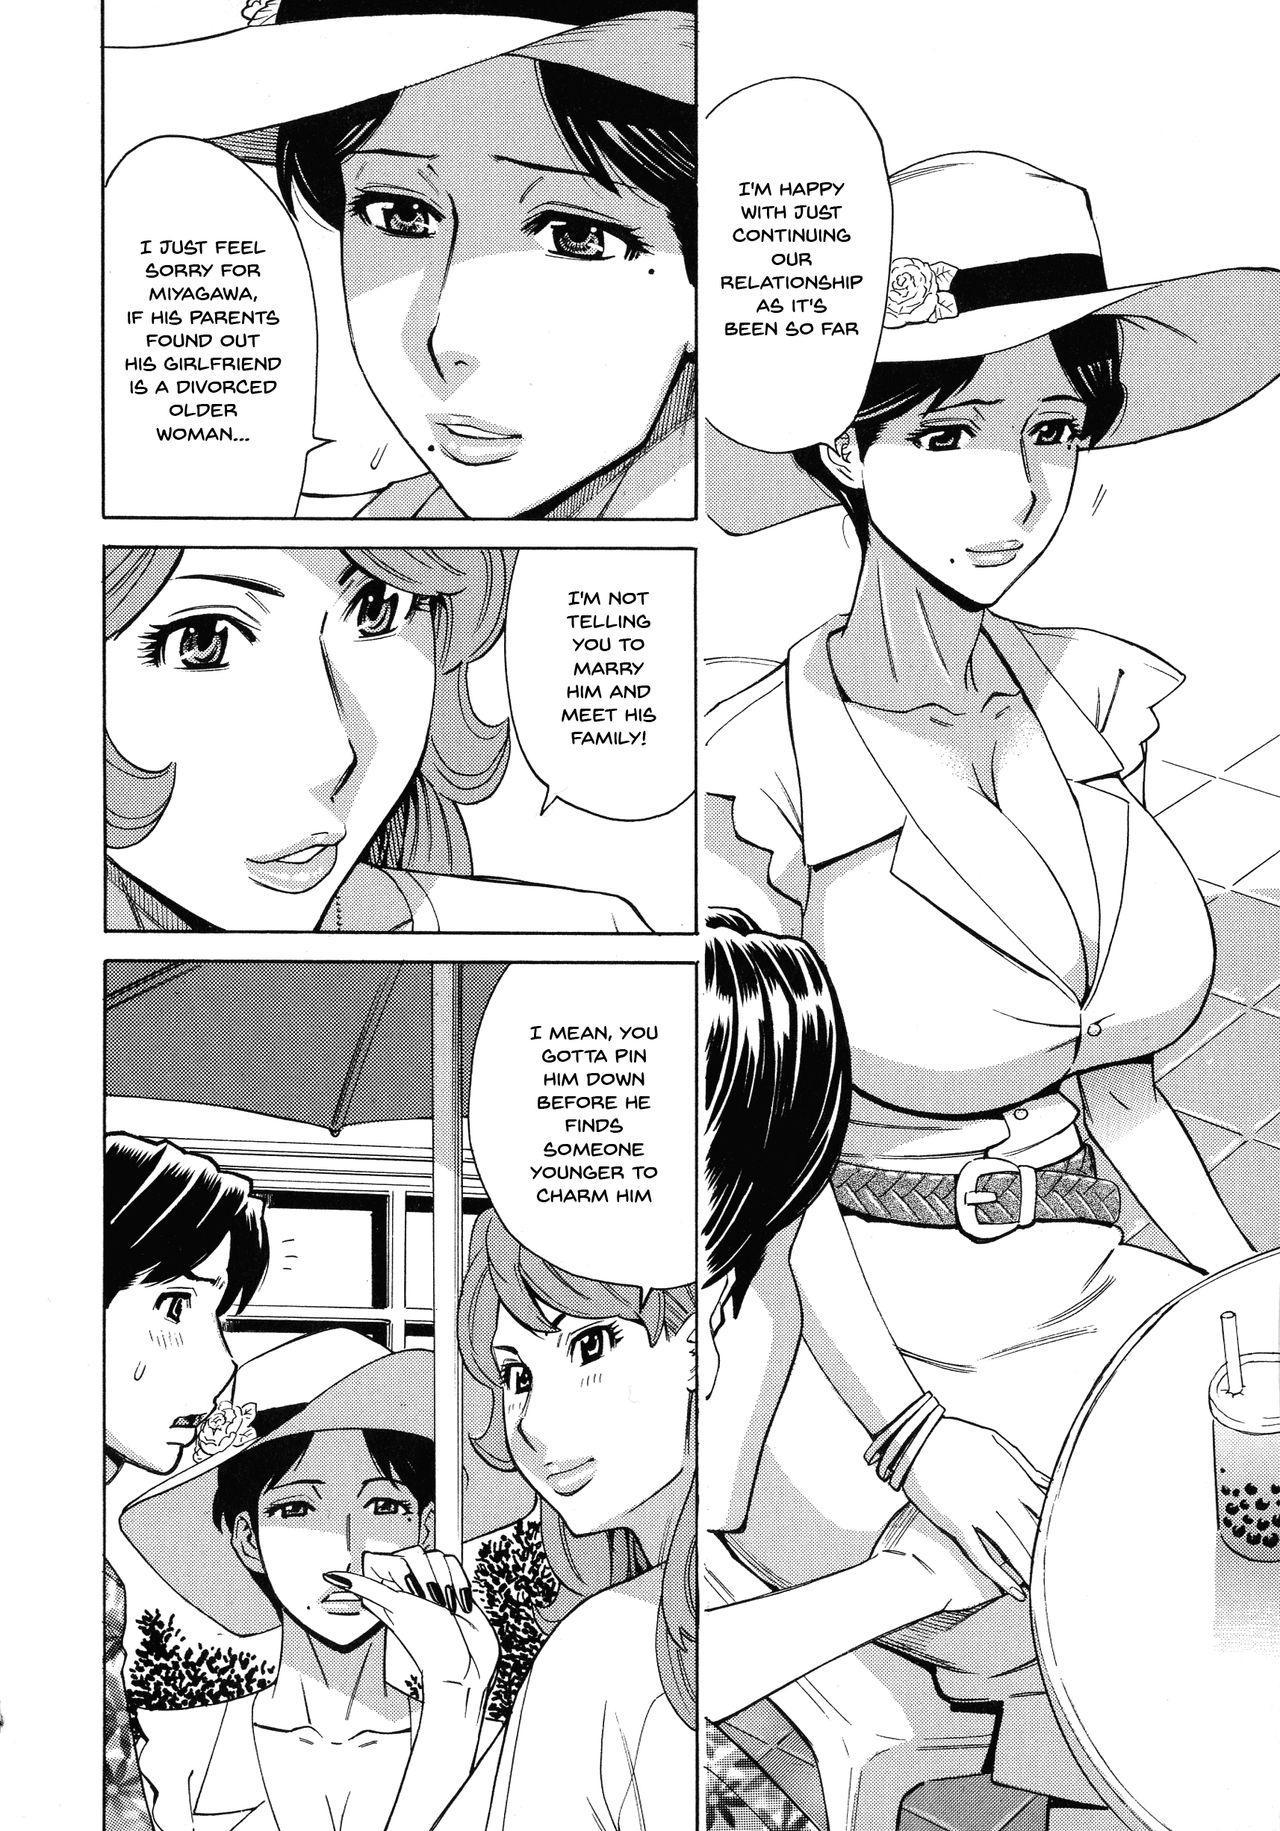 [Makibe Kataru] Hitozuma Koi Hanabi ~Hajimete no Furin ga 3P ni Itaru made~ Ch.1-9 [English] {Doujins.com} 135